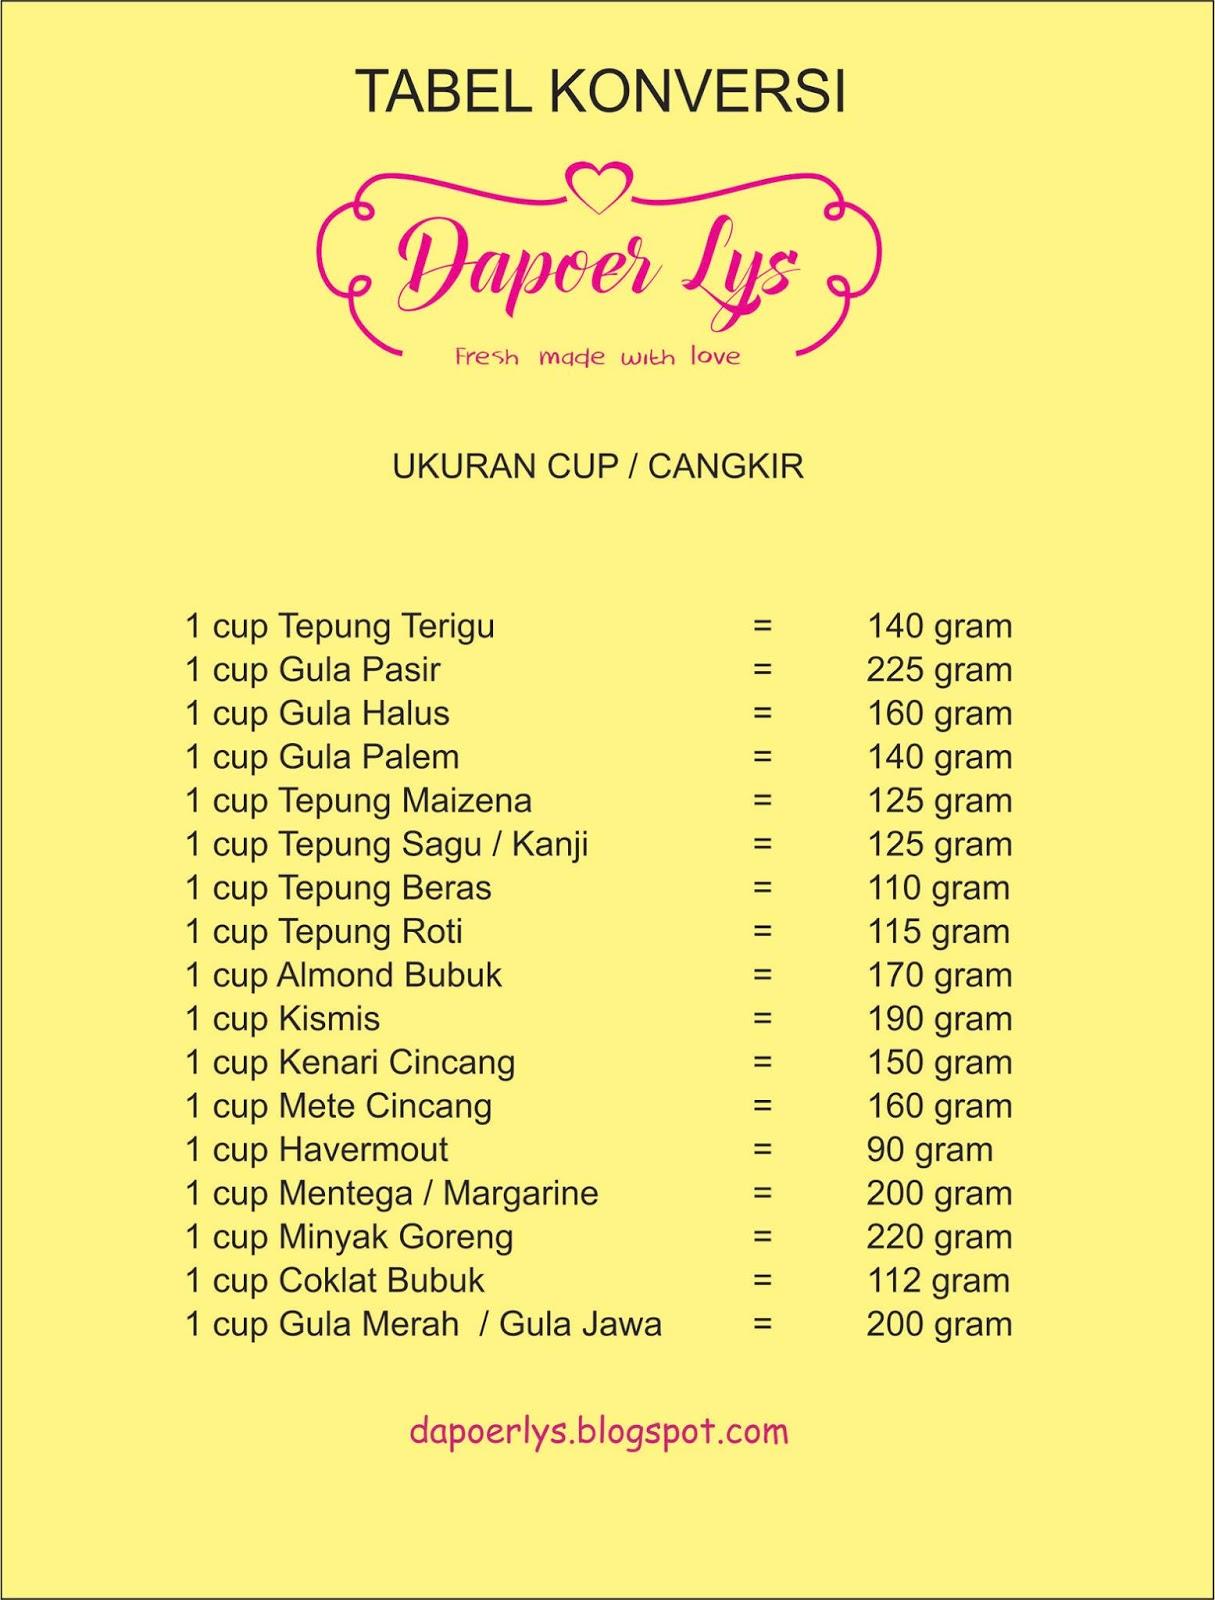 250 Gram Tepung Berapa Sendok Makan : tepung, berapa, sendok, makan, Assessment, Gelas, Belimbing, Setara, Dengan